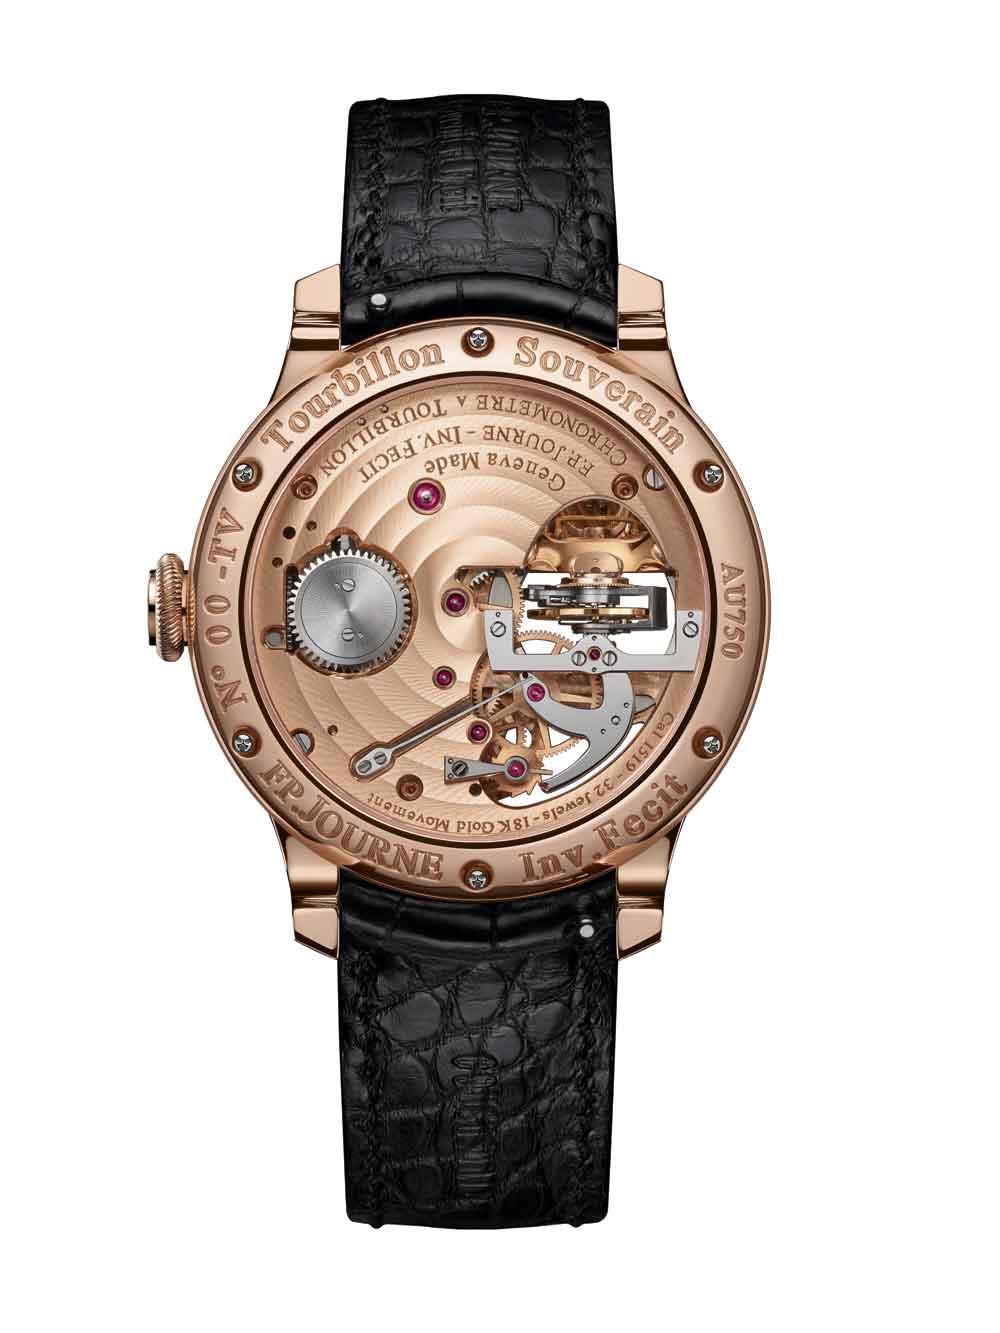 Calibre Reloj Tourbillon Souverain Vertical de F.P Journe Invenit et Fecit